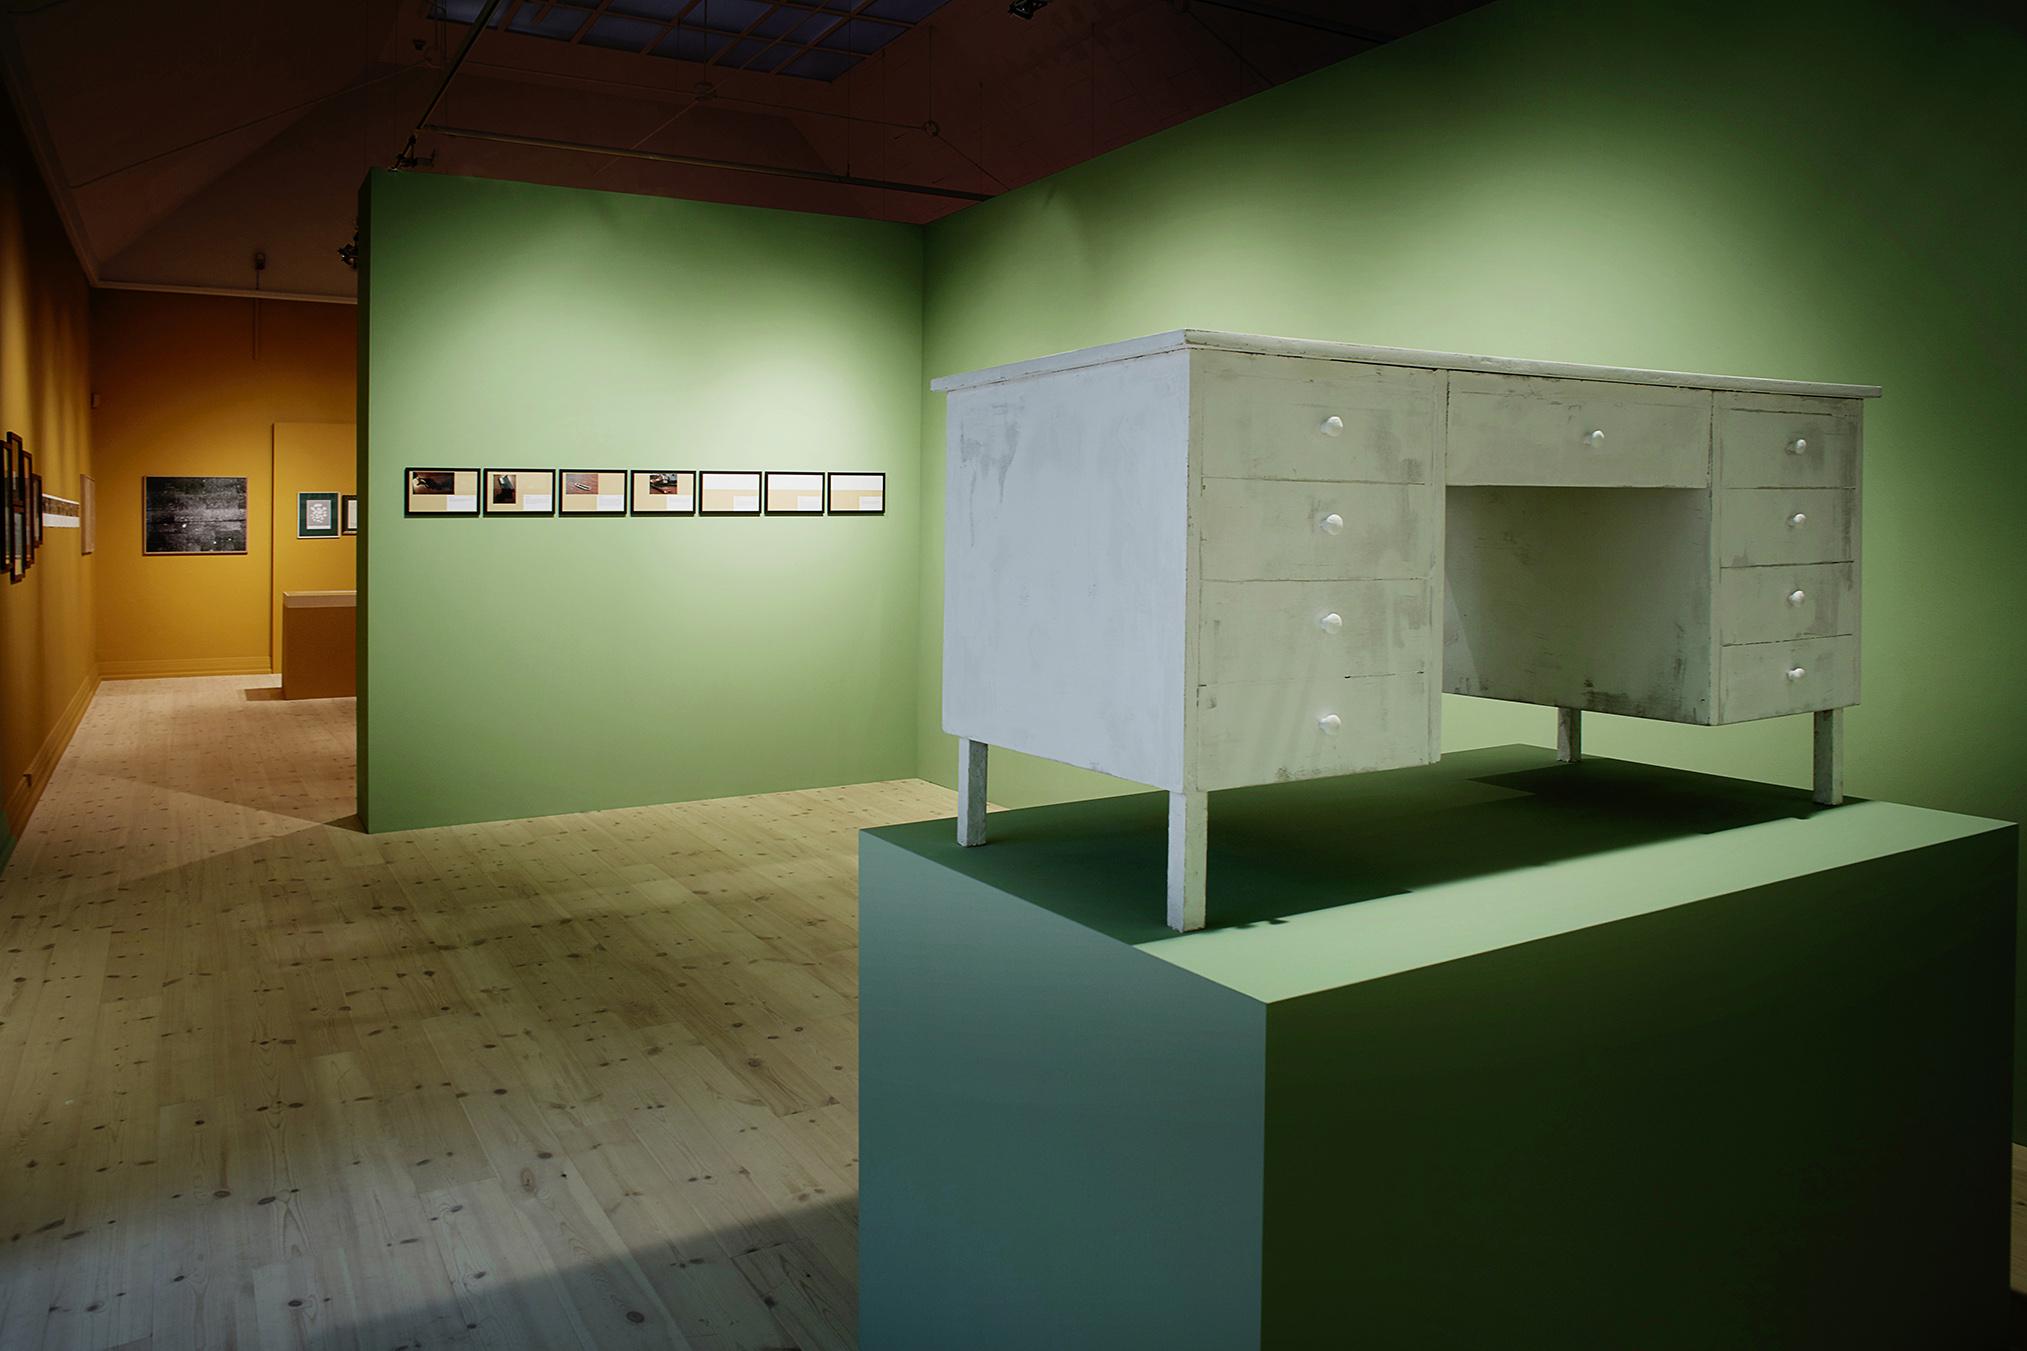 """""""Perspektivet, eller magten, om man vil, udgår fra den side af skrivebordet, hvor skufferne er placeret. Samtidig er skrivebordet at sammenligne med en dametaske; det kan rumme alt.""""  (Lasse Krog Møller). Foto: Kåre Viemose."""